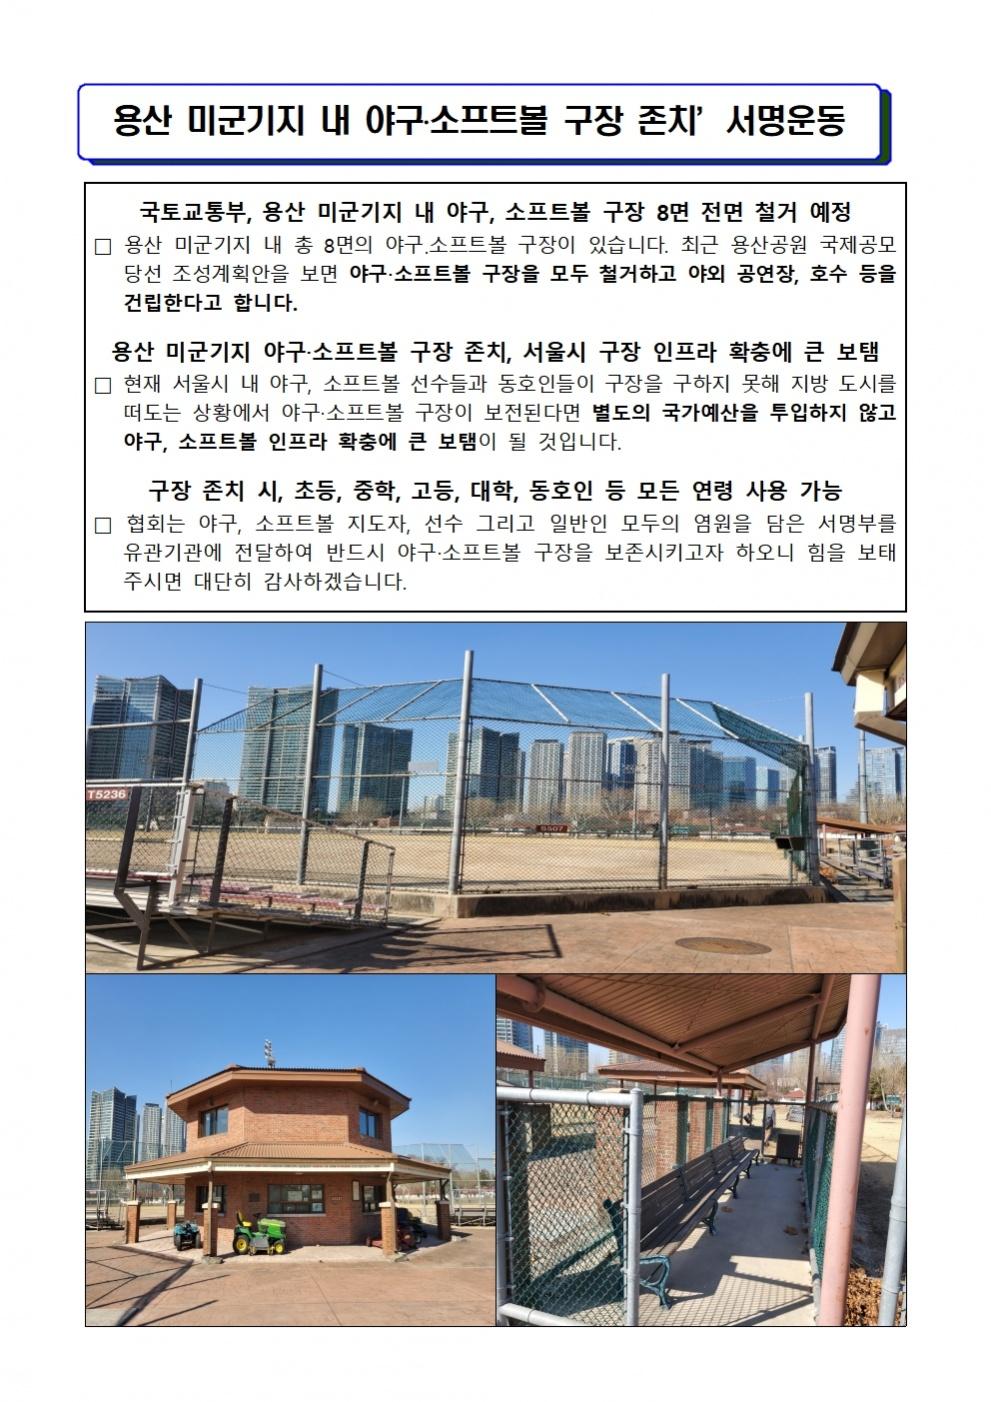 대면용_용산 미군기지 내 야구소프트볼 구장 존치 서명운동 (1)001.jpg